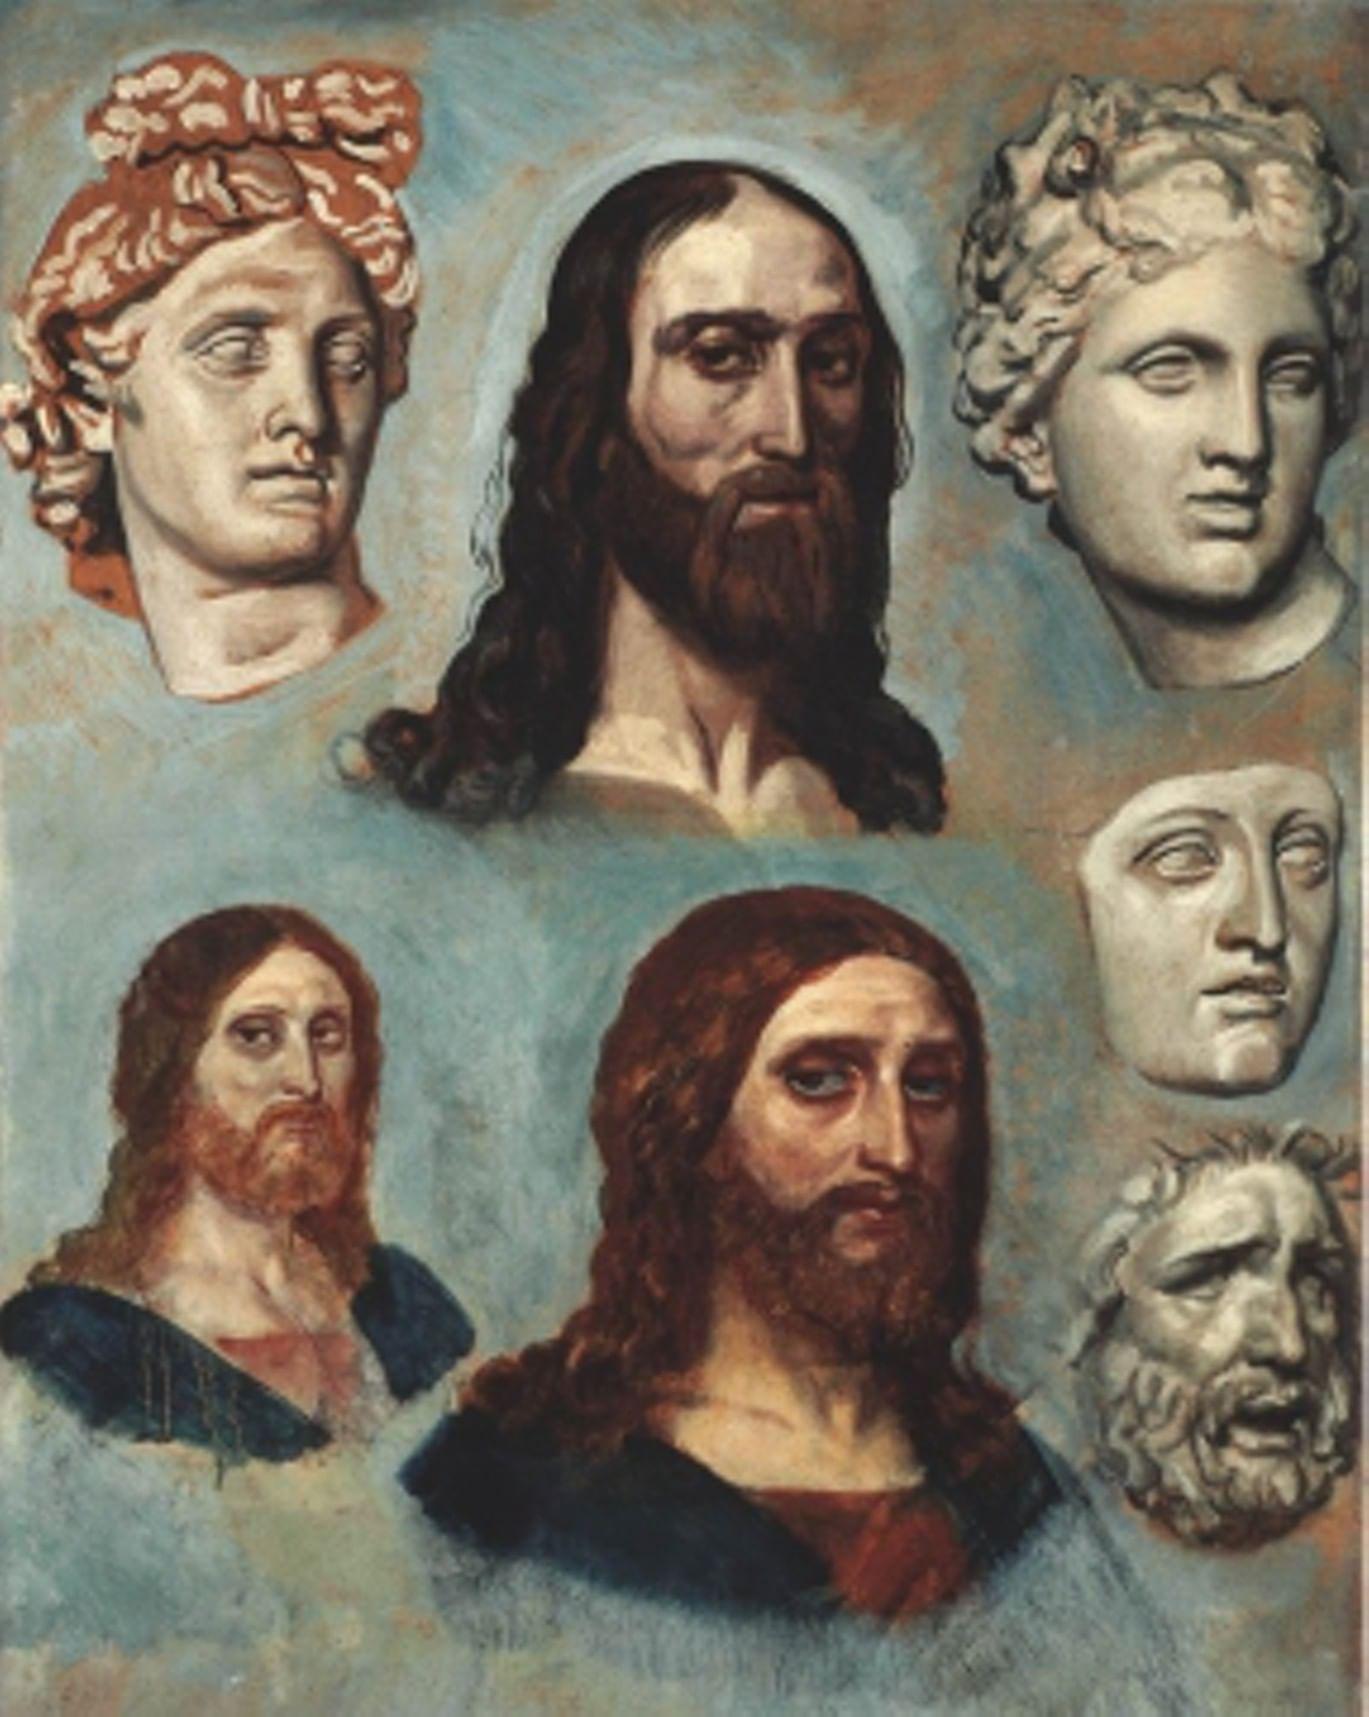 15 русских художников, которые сошли с ума. Александр Иванов